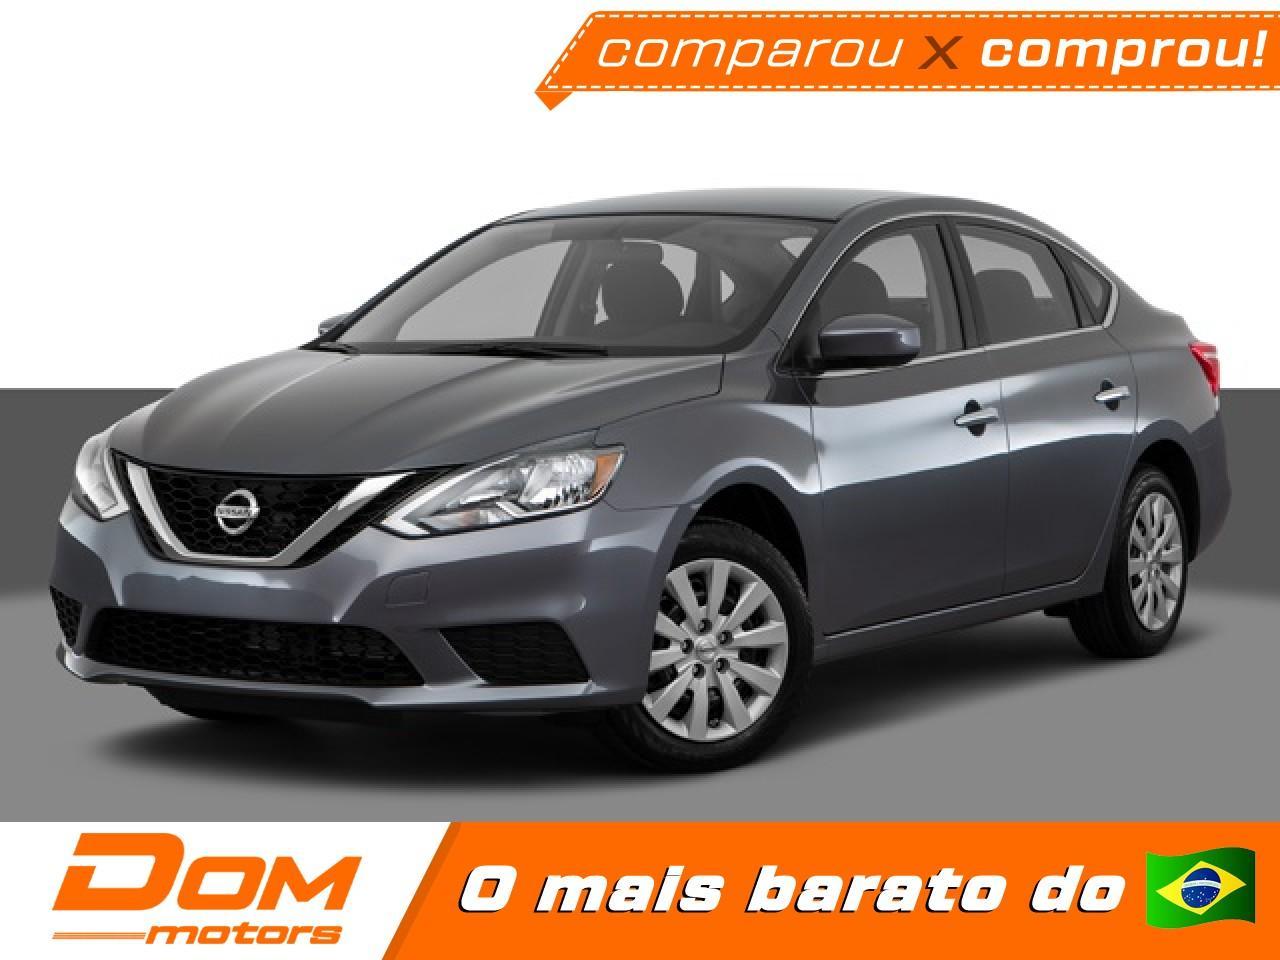 Nissan Sentra 2 0 16v 4p S Flex Automatico Cvt Variadas 2019 0km Dom Motors Carro Guara